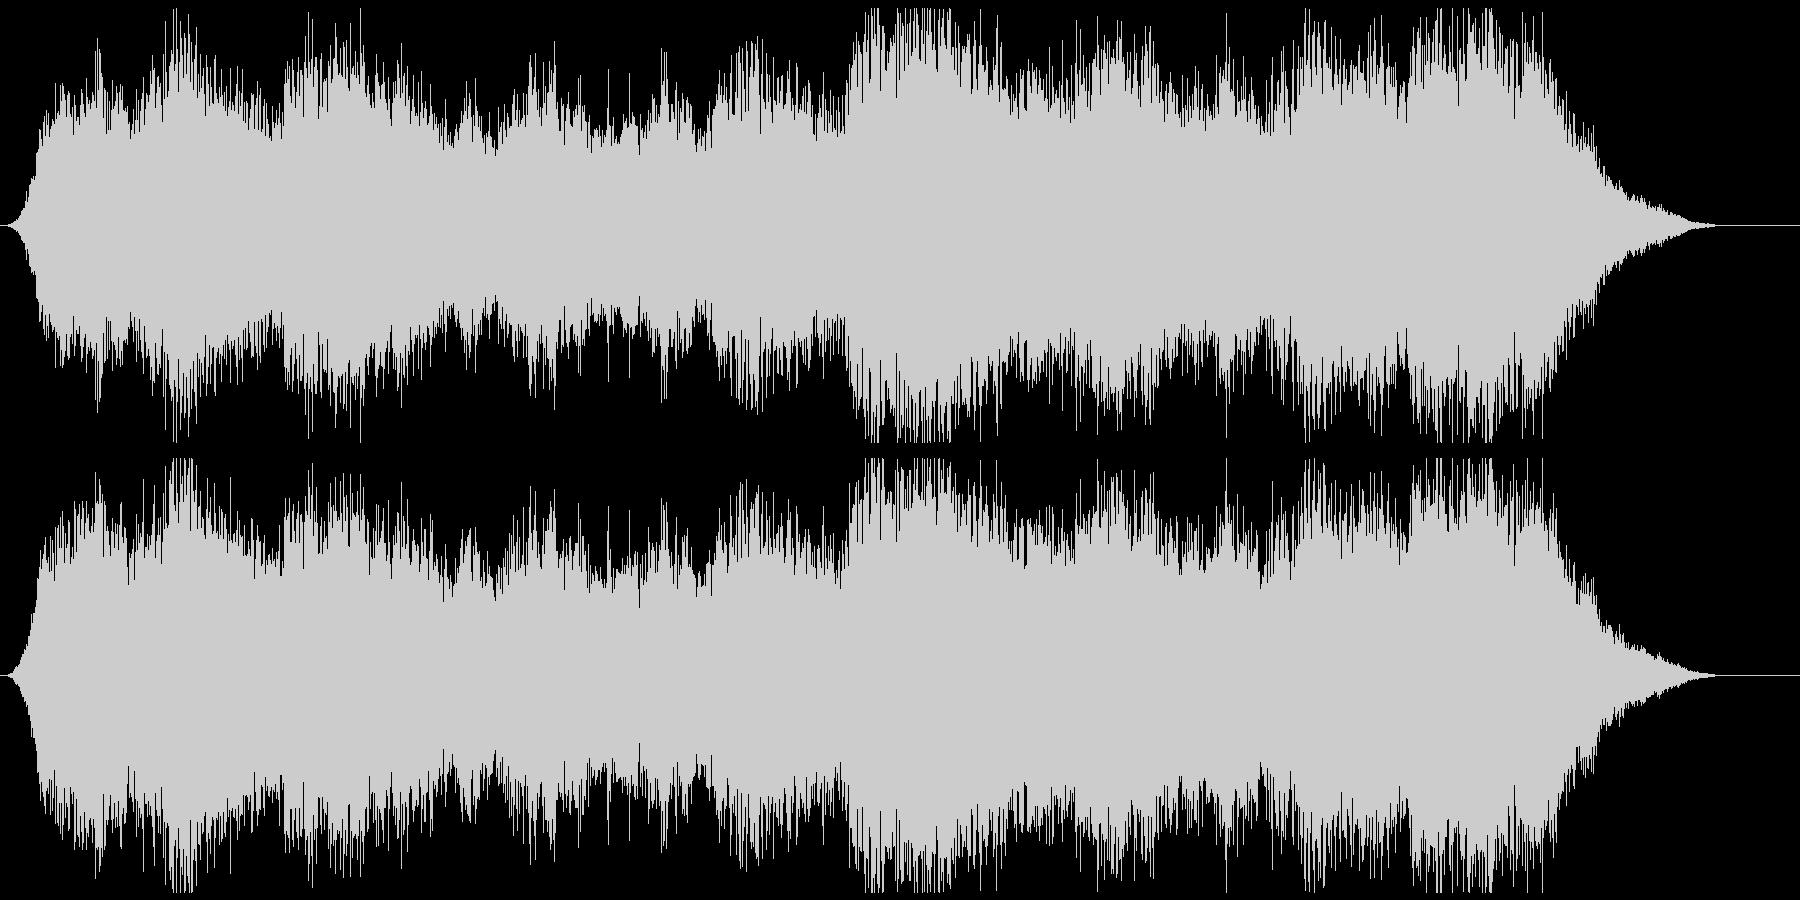 サスペンス映画の犯罪の場面の音楽の未再生の波形